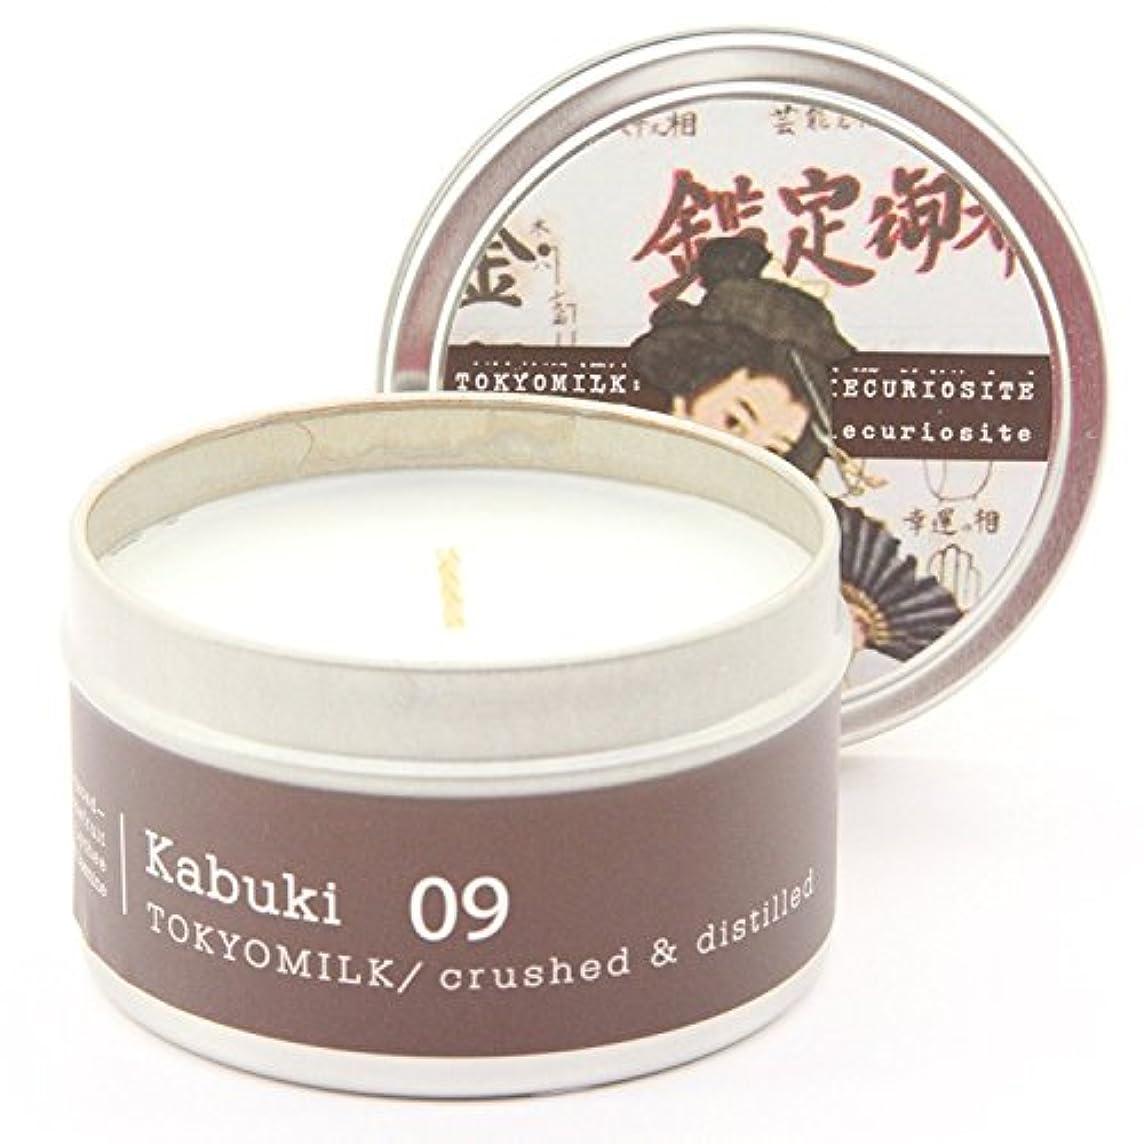 誘惑する挽くマネージャー東京ミルク's 6 oz Tin Candle